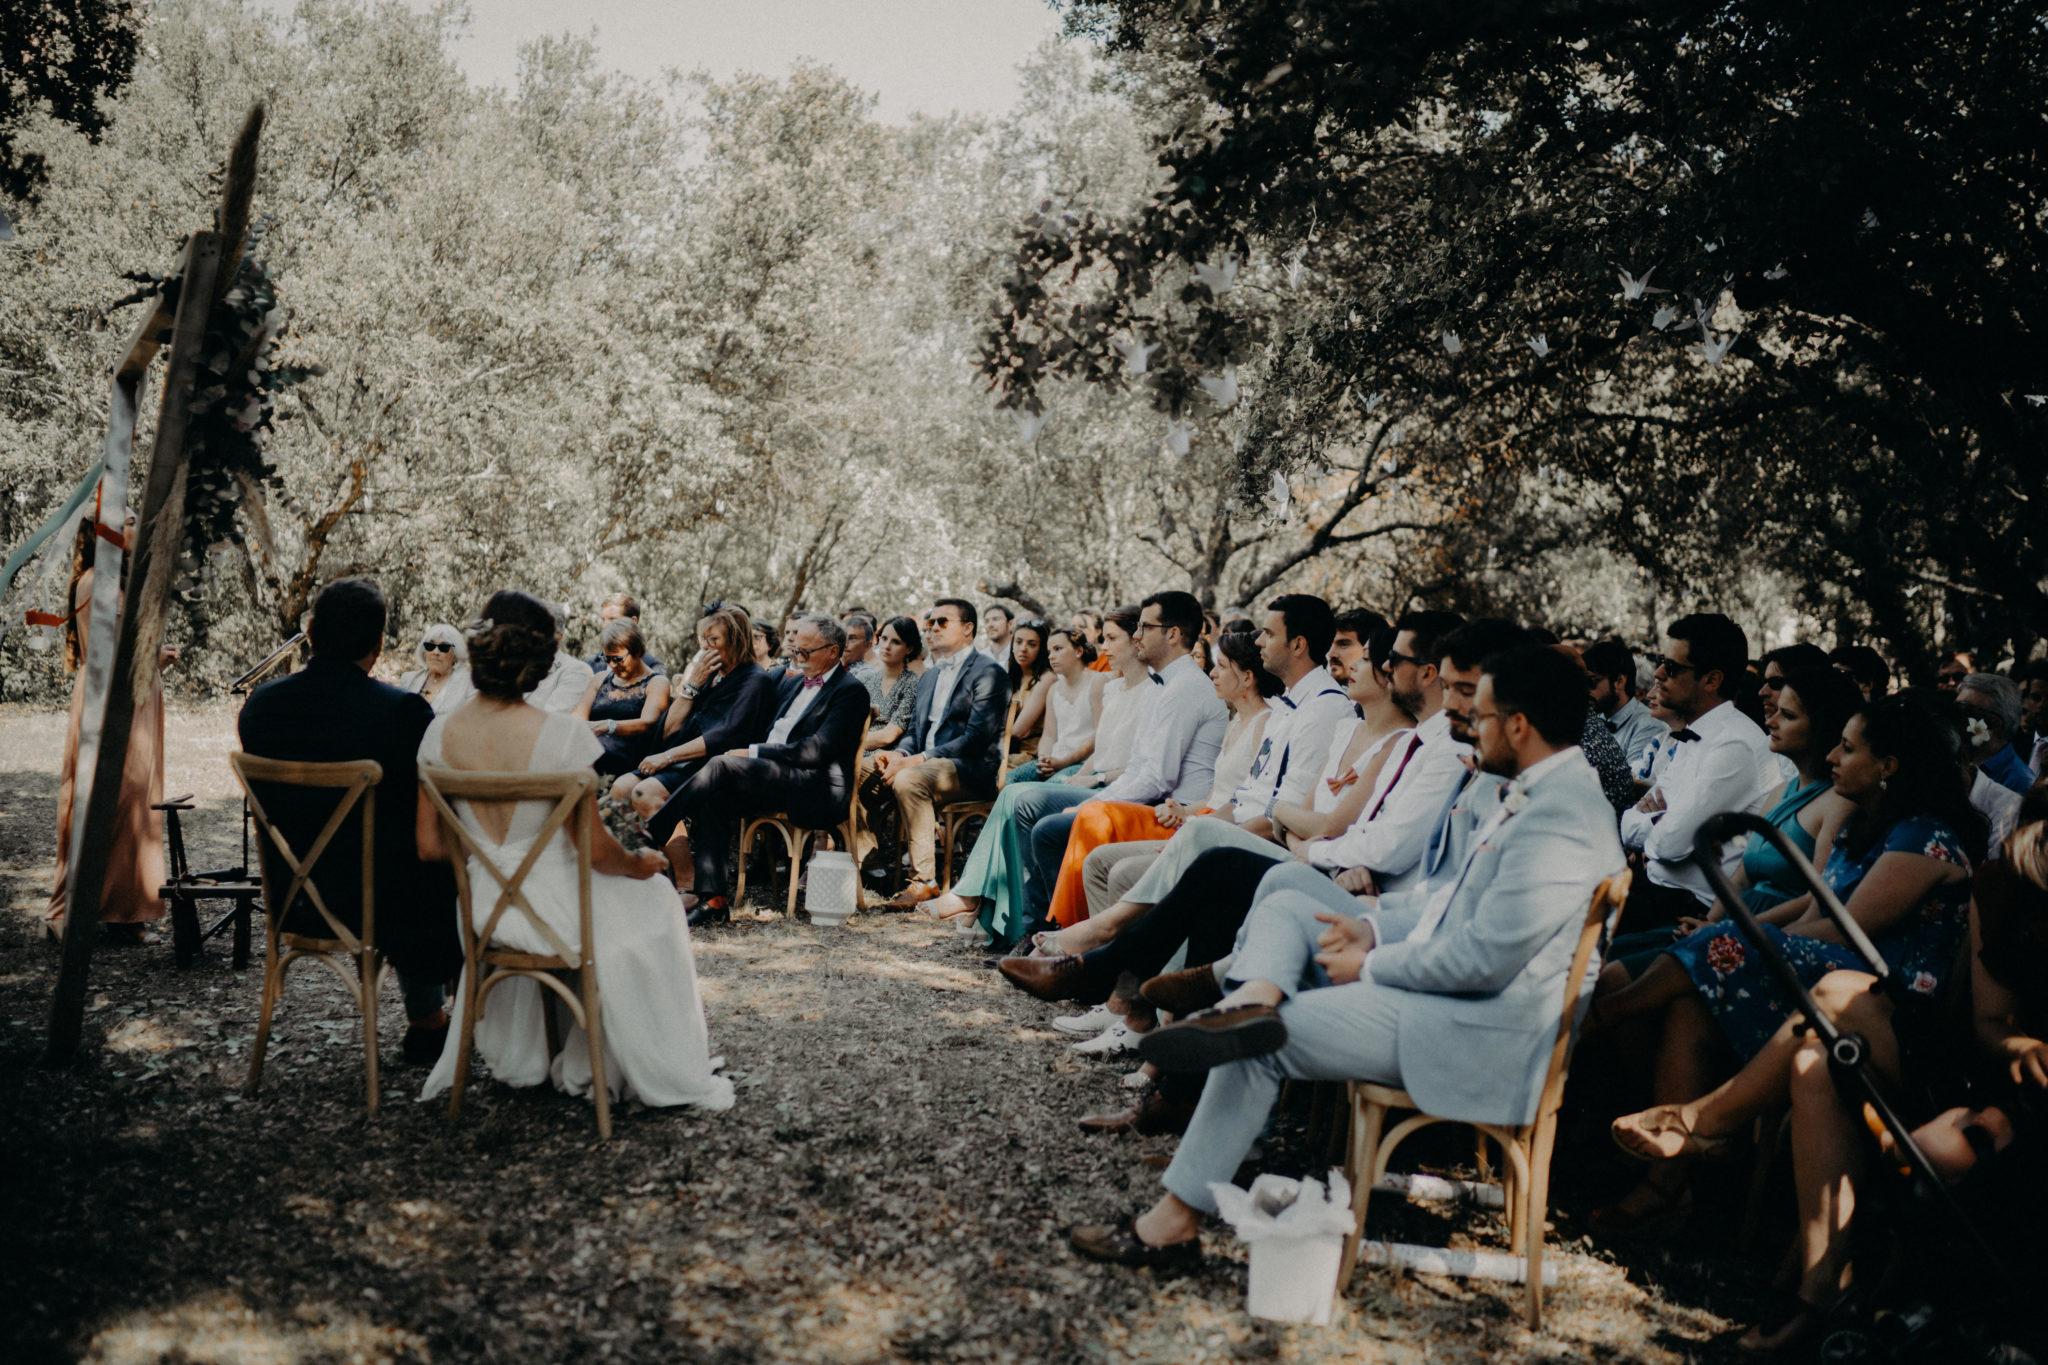 mariage-ceremonie-laique-exterieure-personnelle